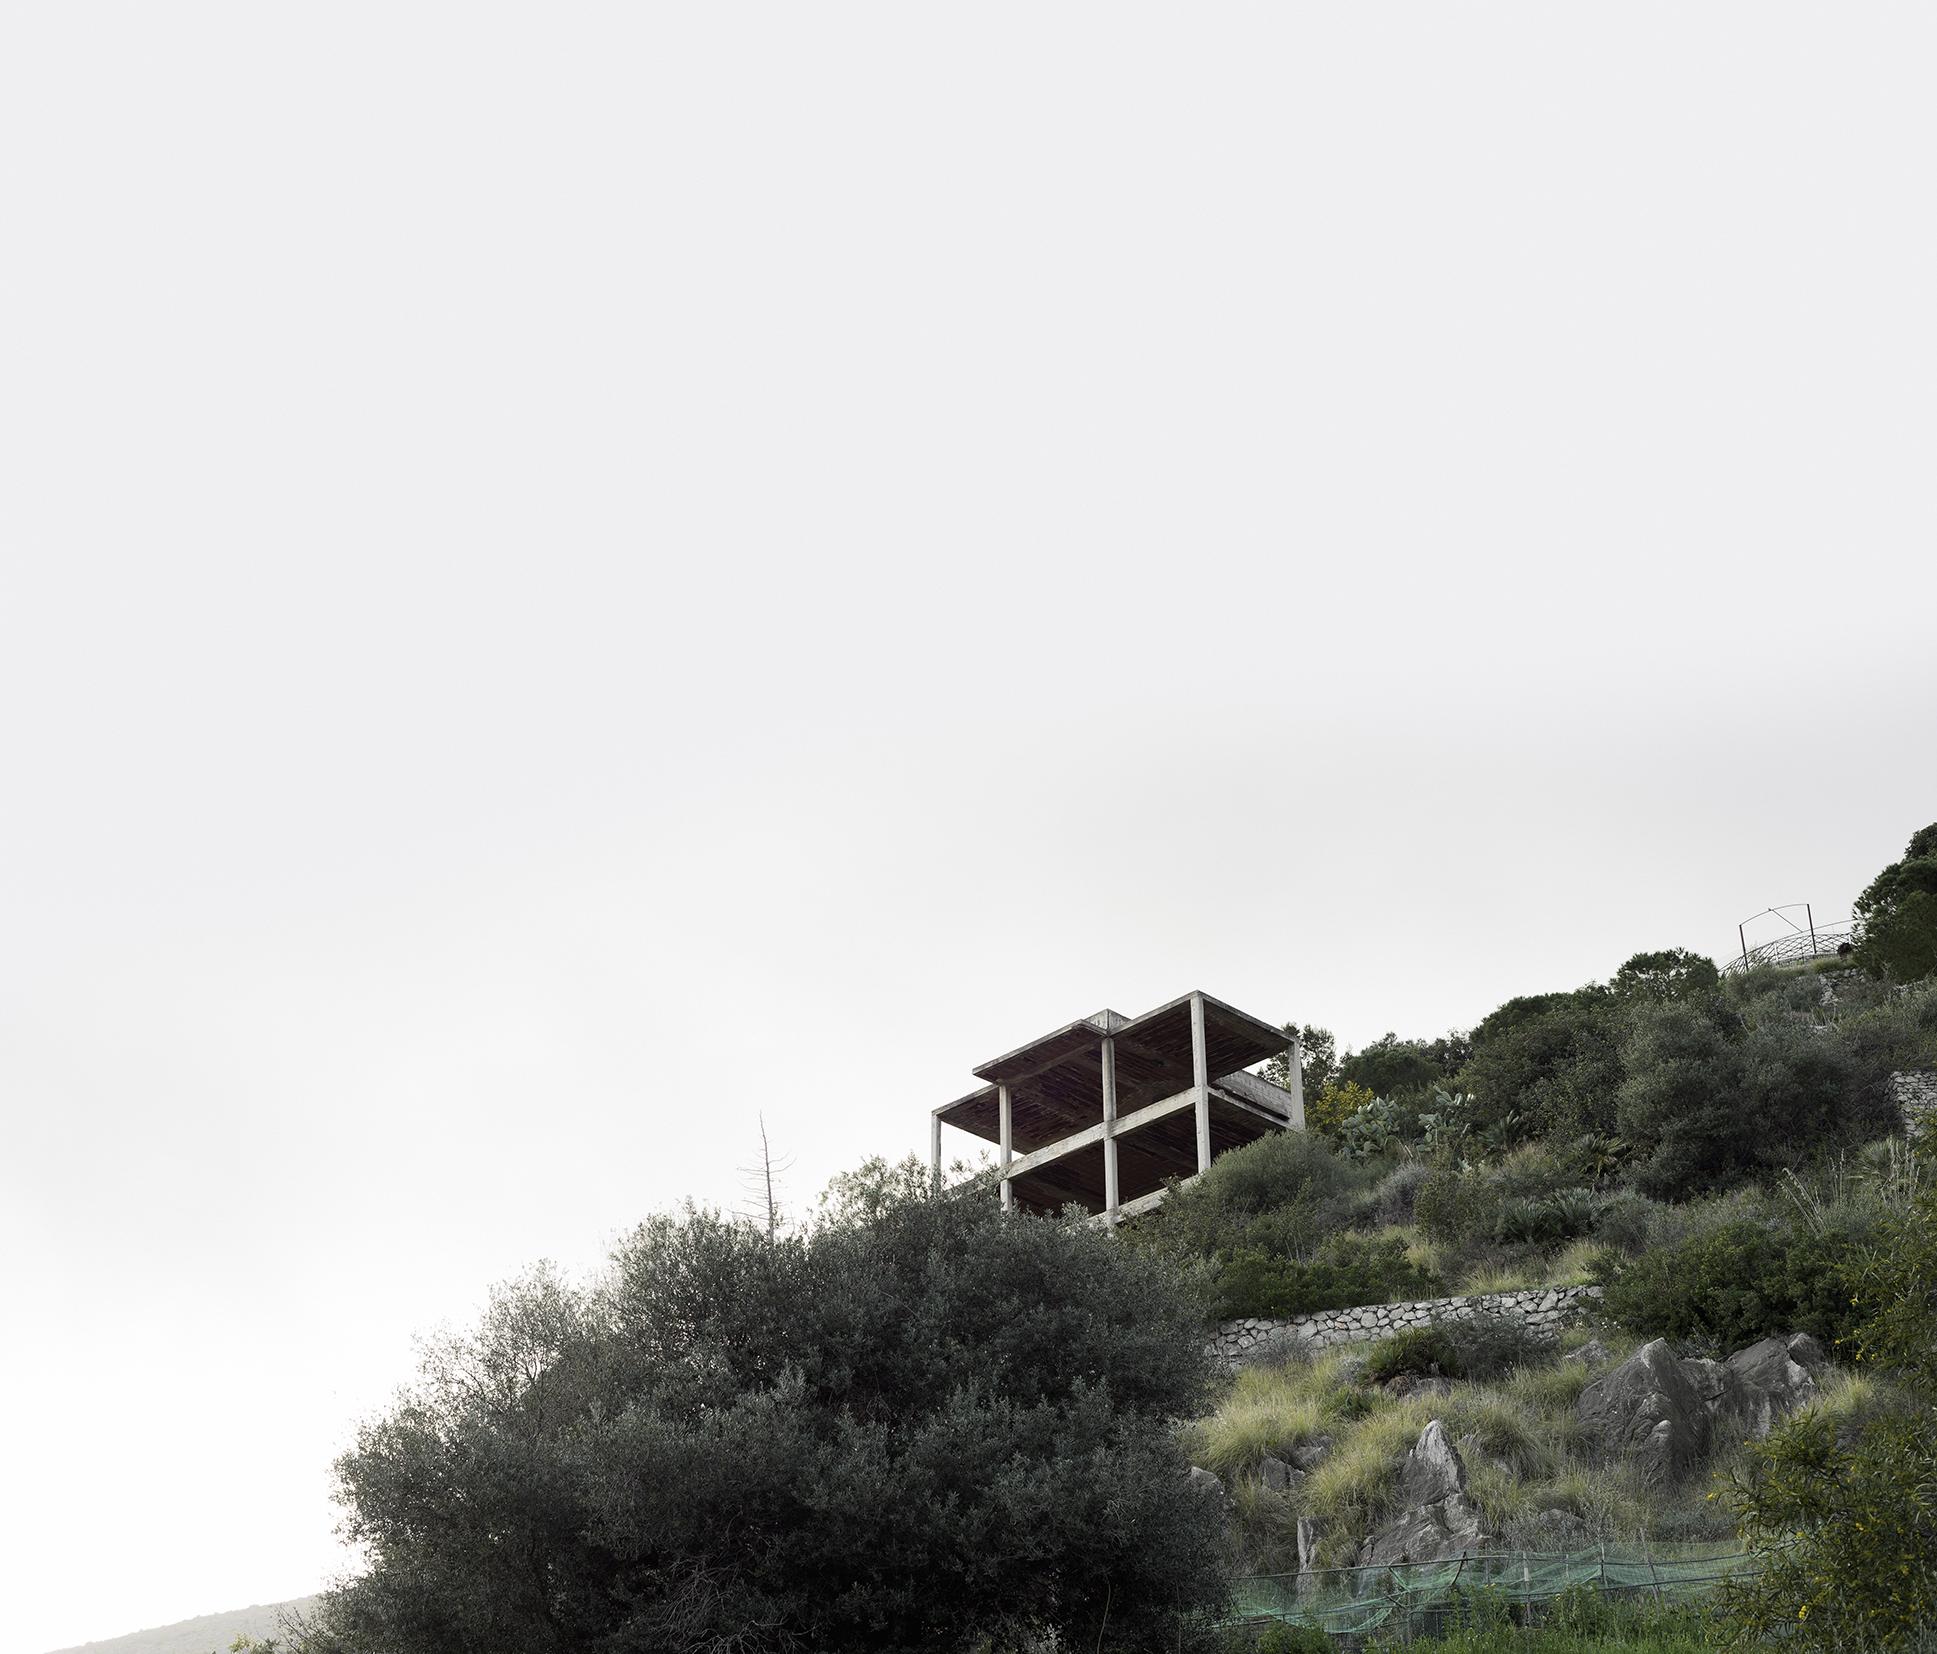 10_amelie_labourdette_empire_of_dust_photographie_art_contemporain.jpg